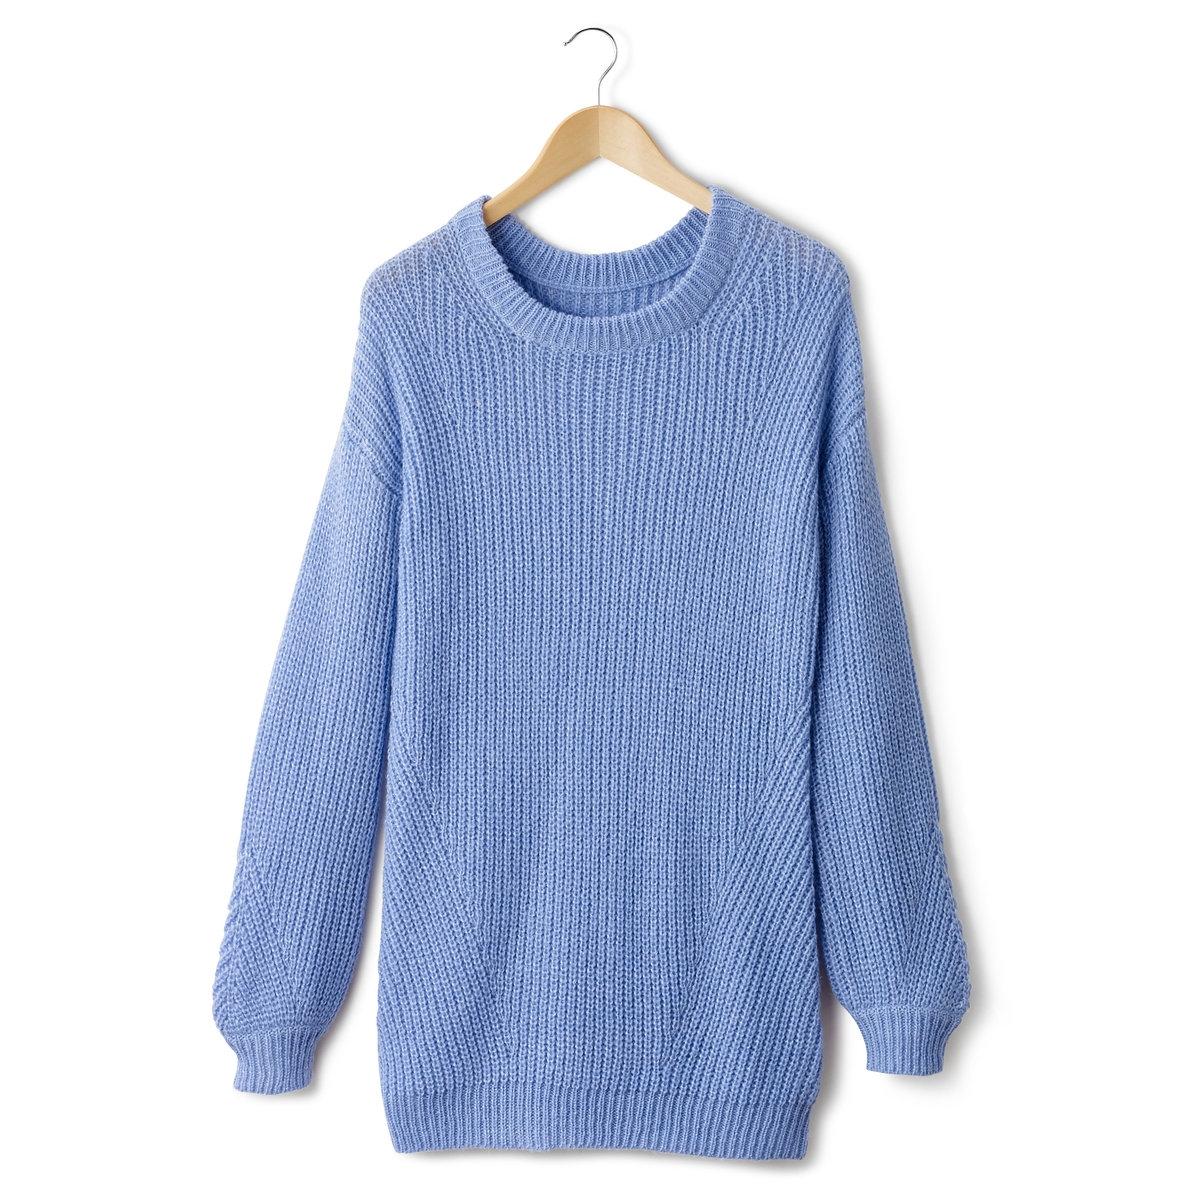 Пуловер-туника с длинными рукавамиПуловер-туника от R Essentiel. Бисерный фанг: 70% акрила, 20% полиамида, 10% мохера. Вырез-лодочка. Длинные рукава. Длина. 73 см.<br><br>Цвет: небесно-голубой<br>Размер: 38/40 (FR) - 44/46 (RUS)